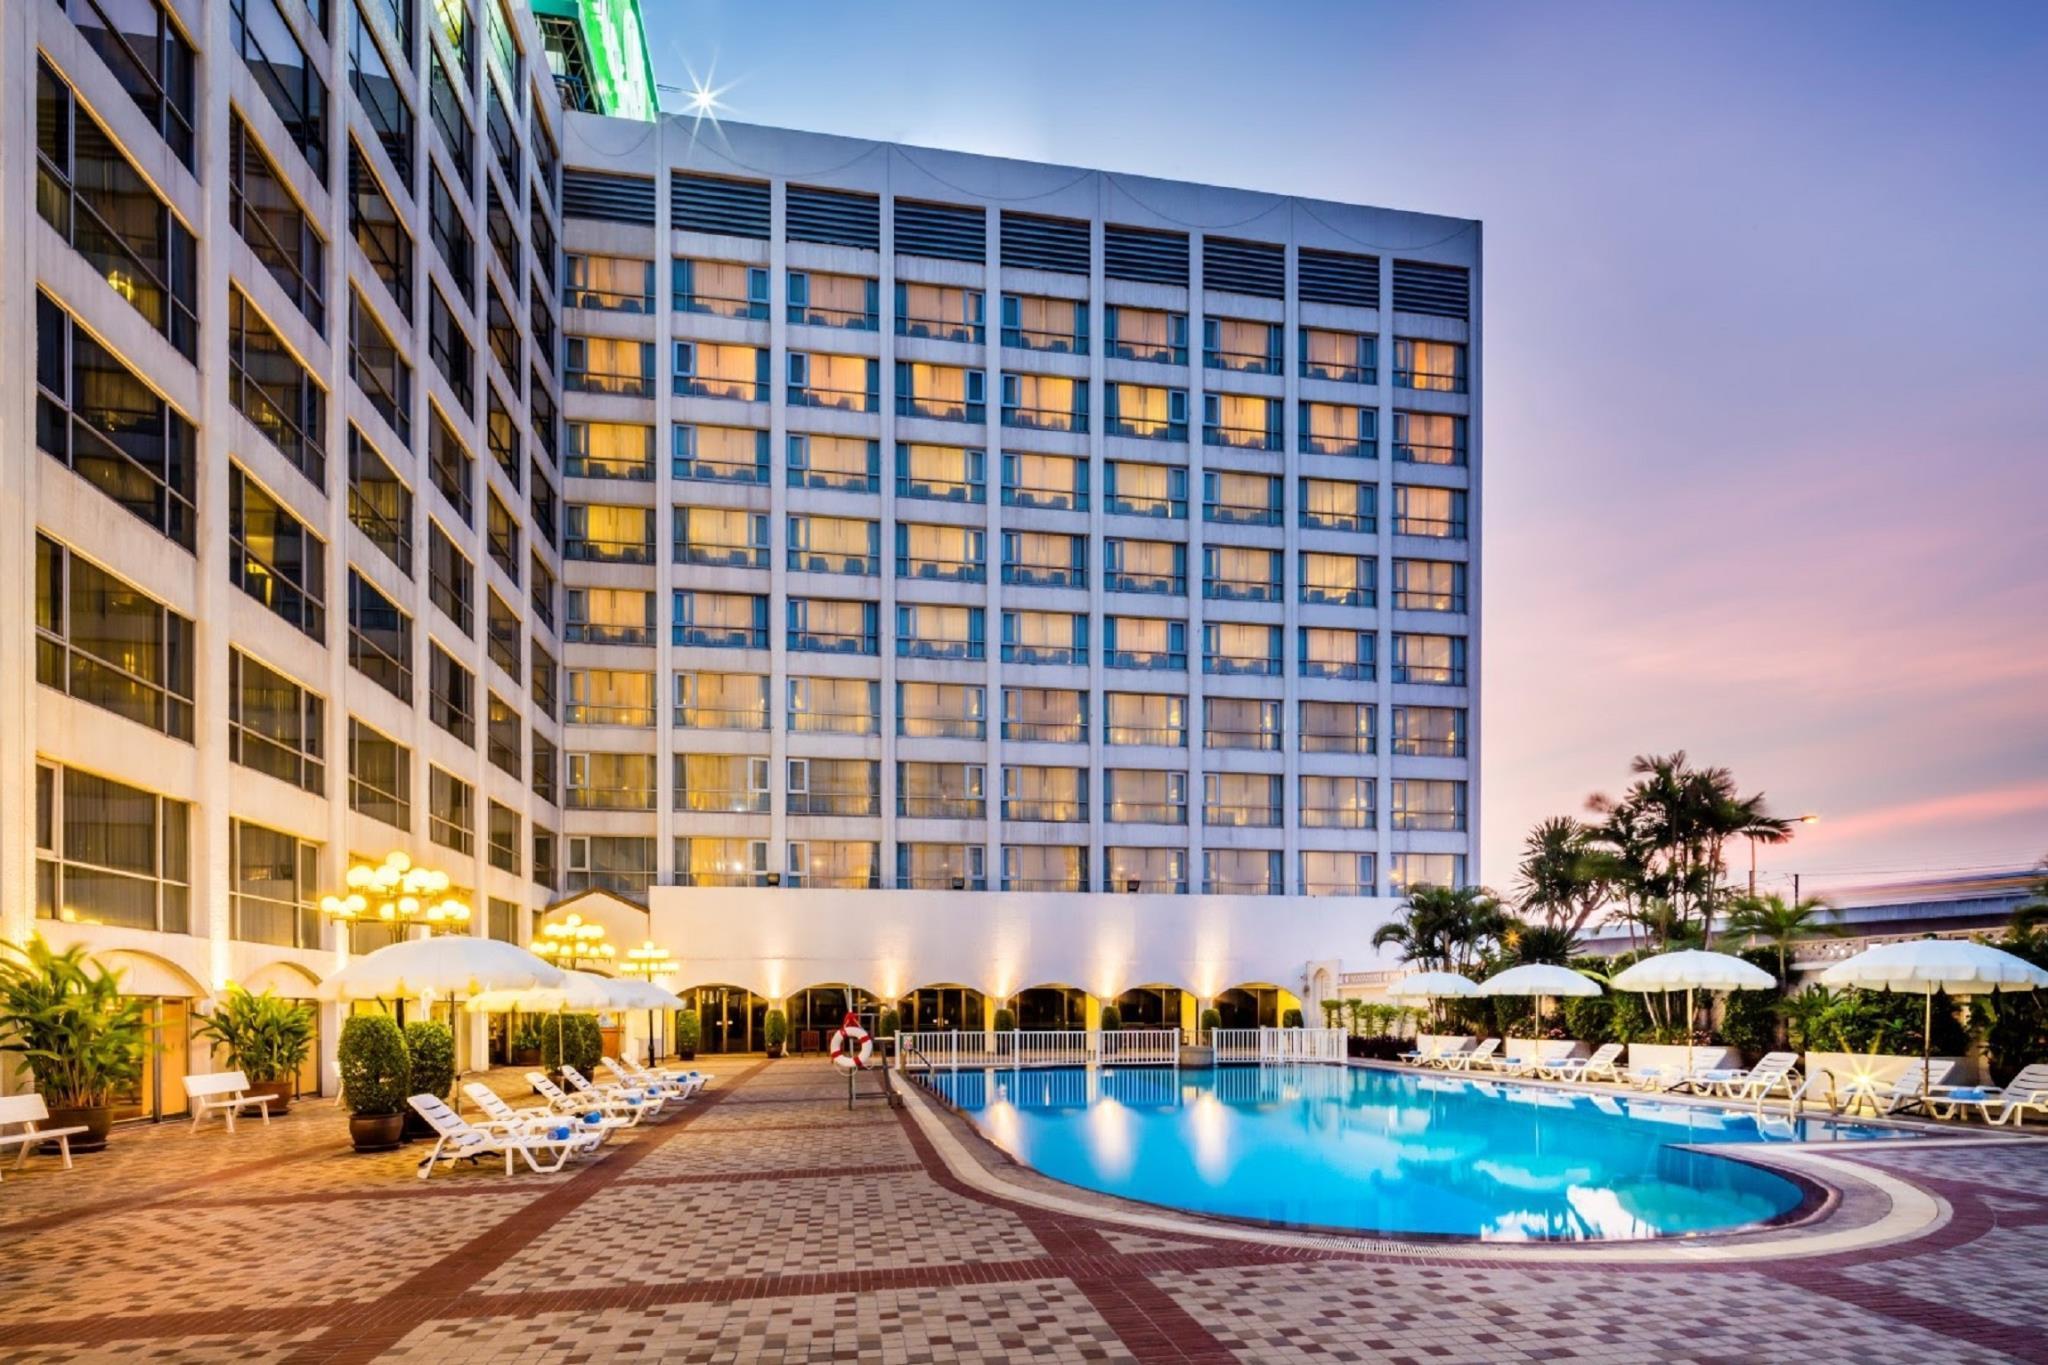 โรงแรมบางกอกพาเลส